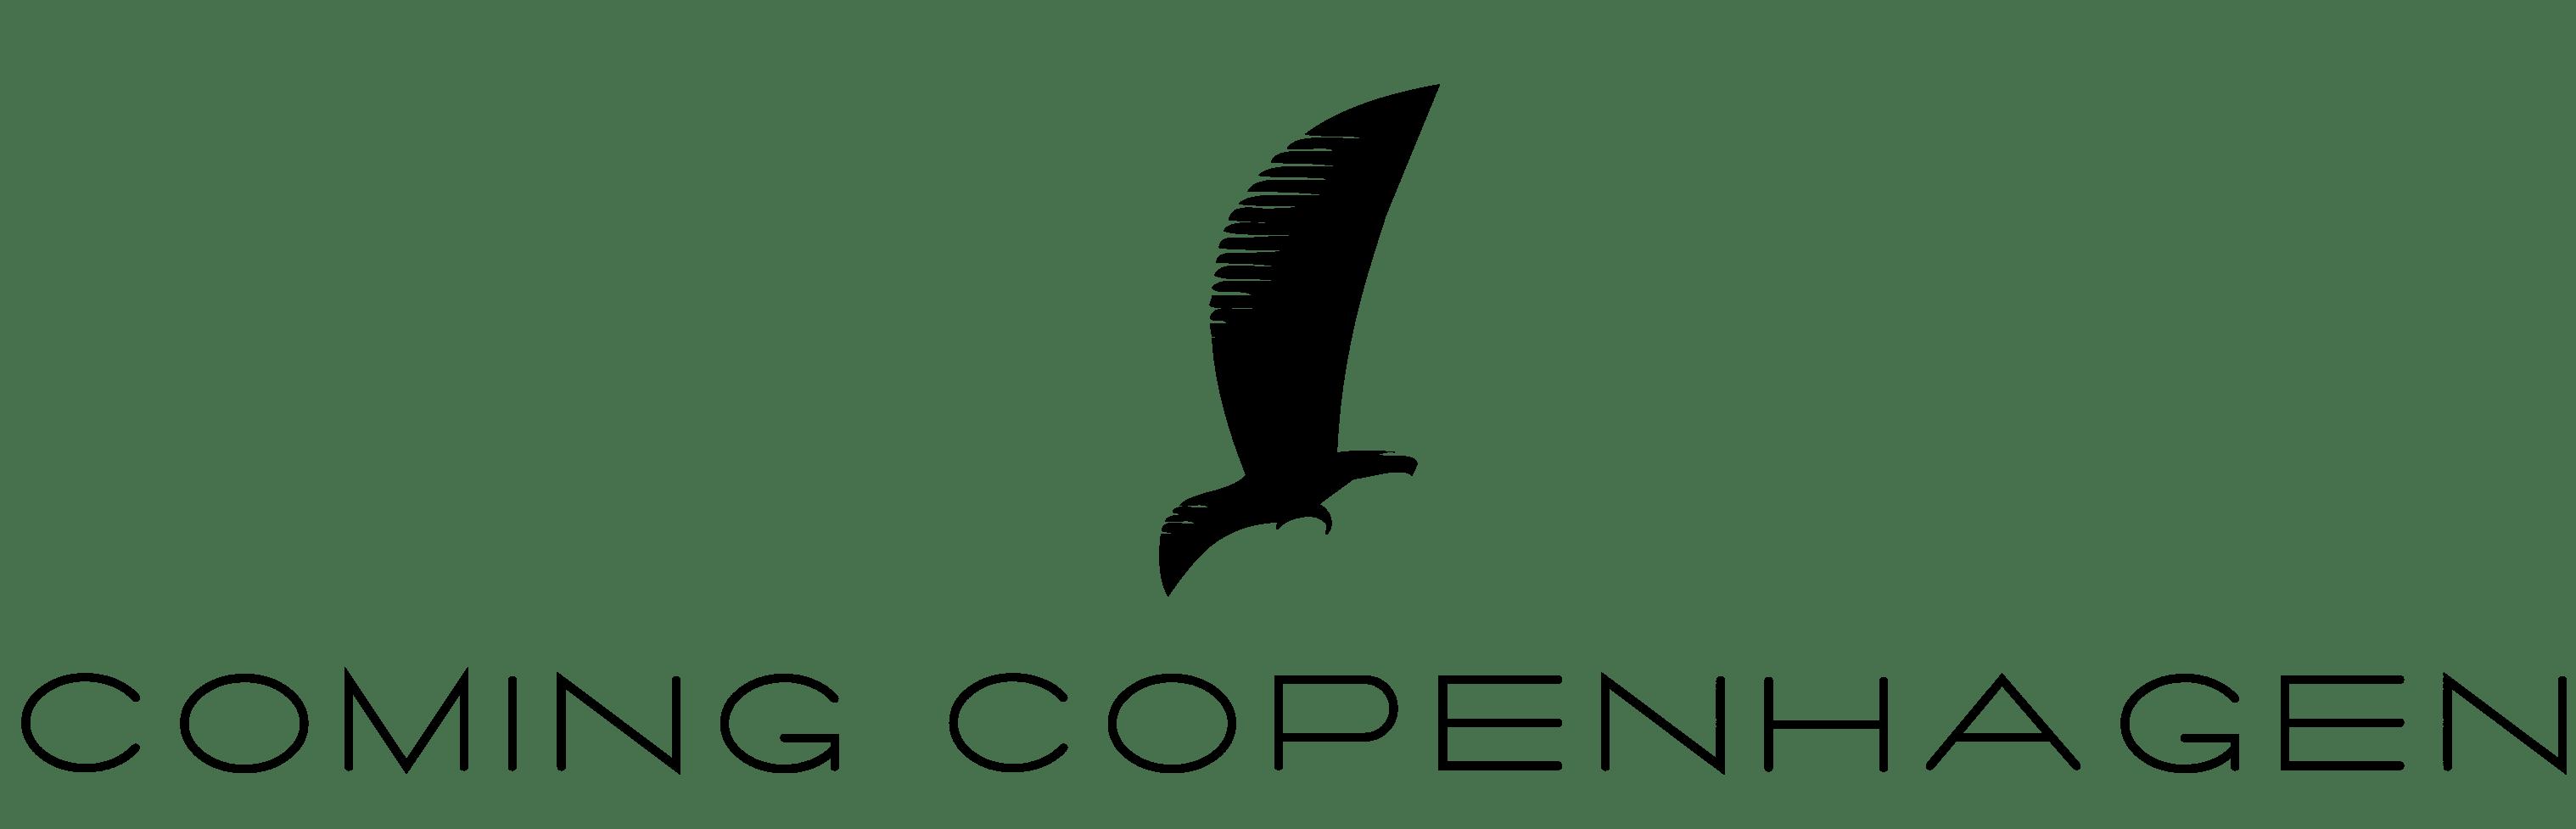 Coming Copenhagen B2B Online Store